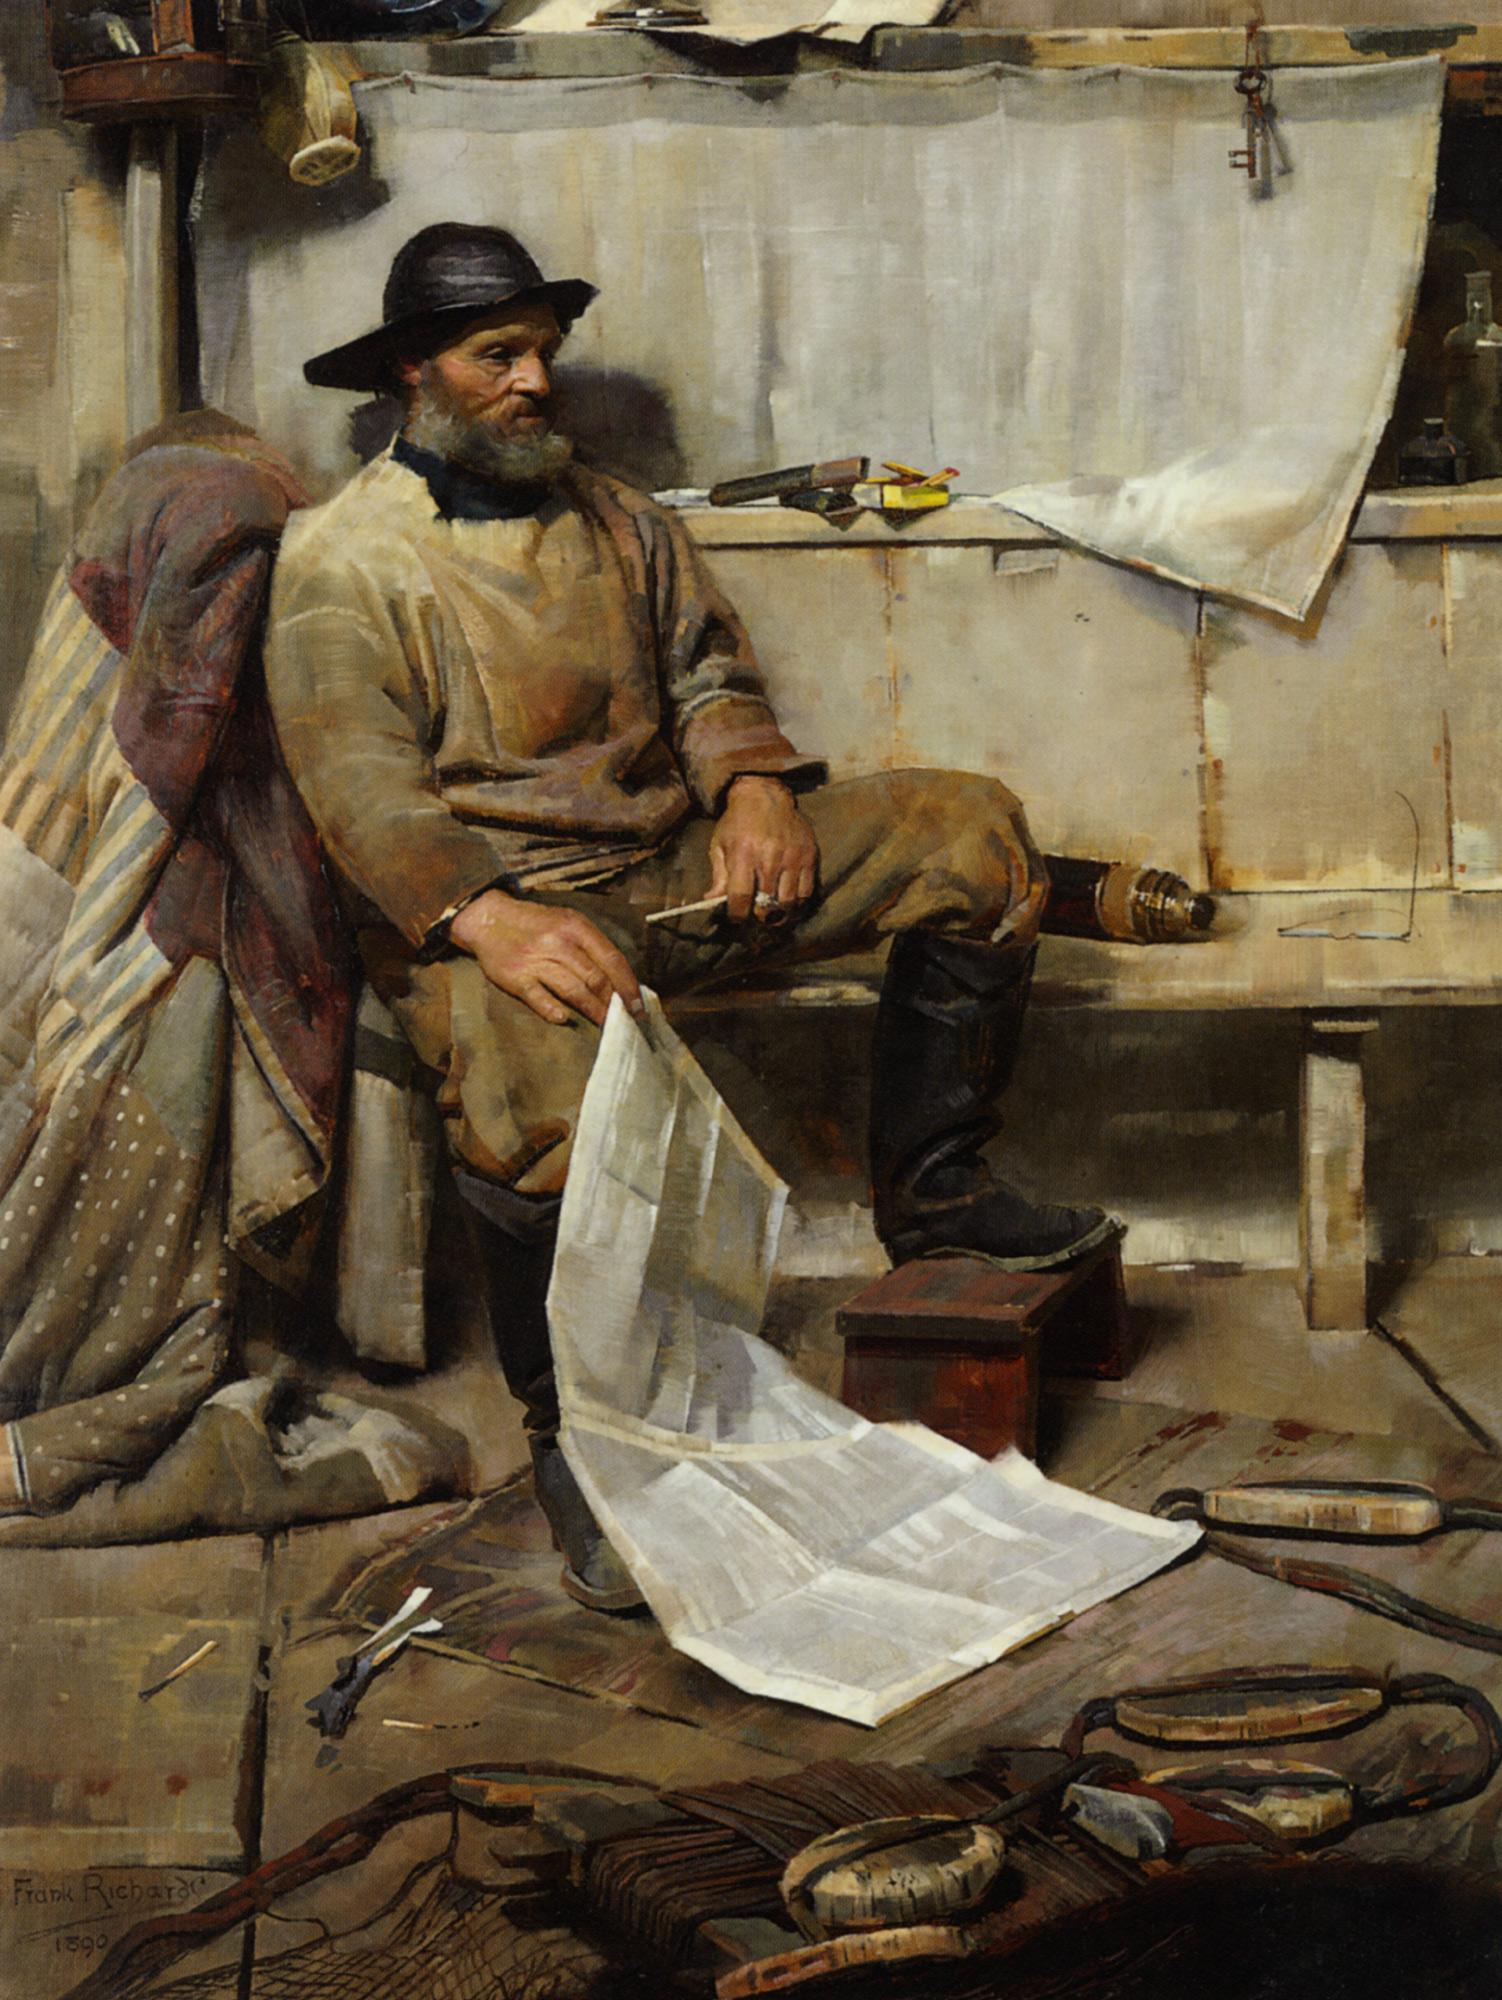 Fisherman :: Frank Richards, R.B.A. - men's portraits 19th century (second half) ôîòî